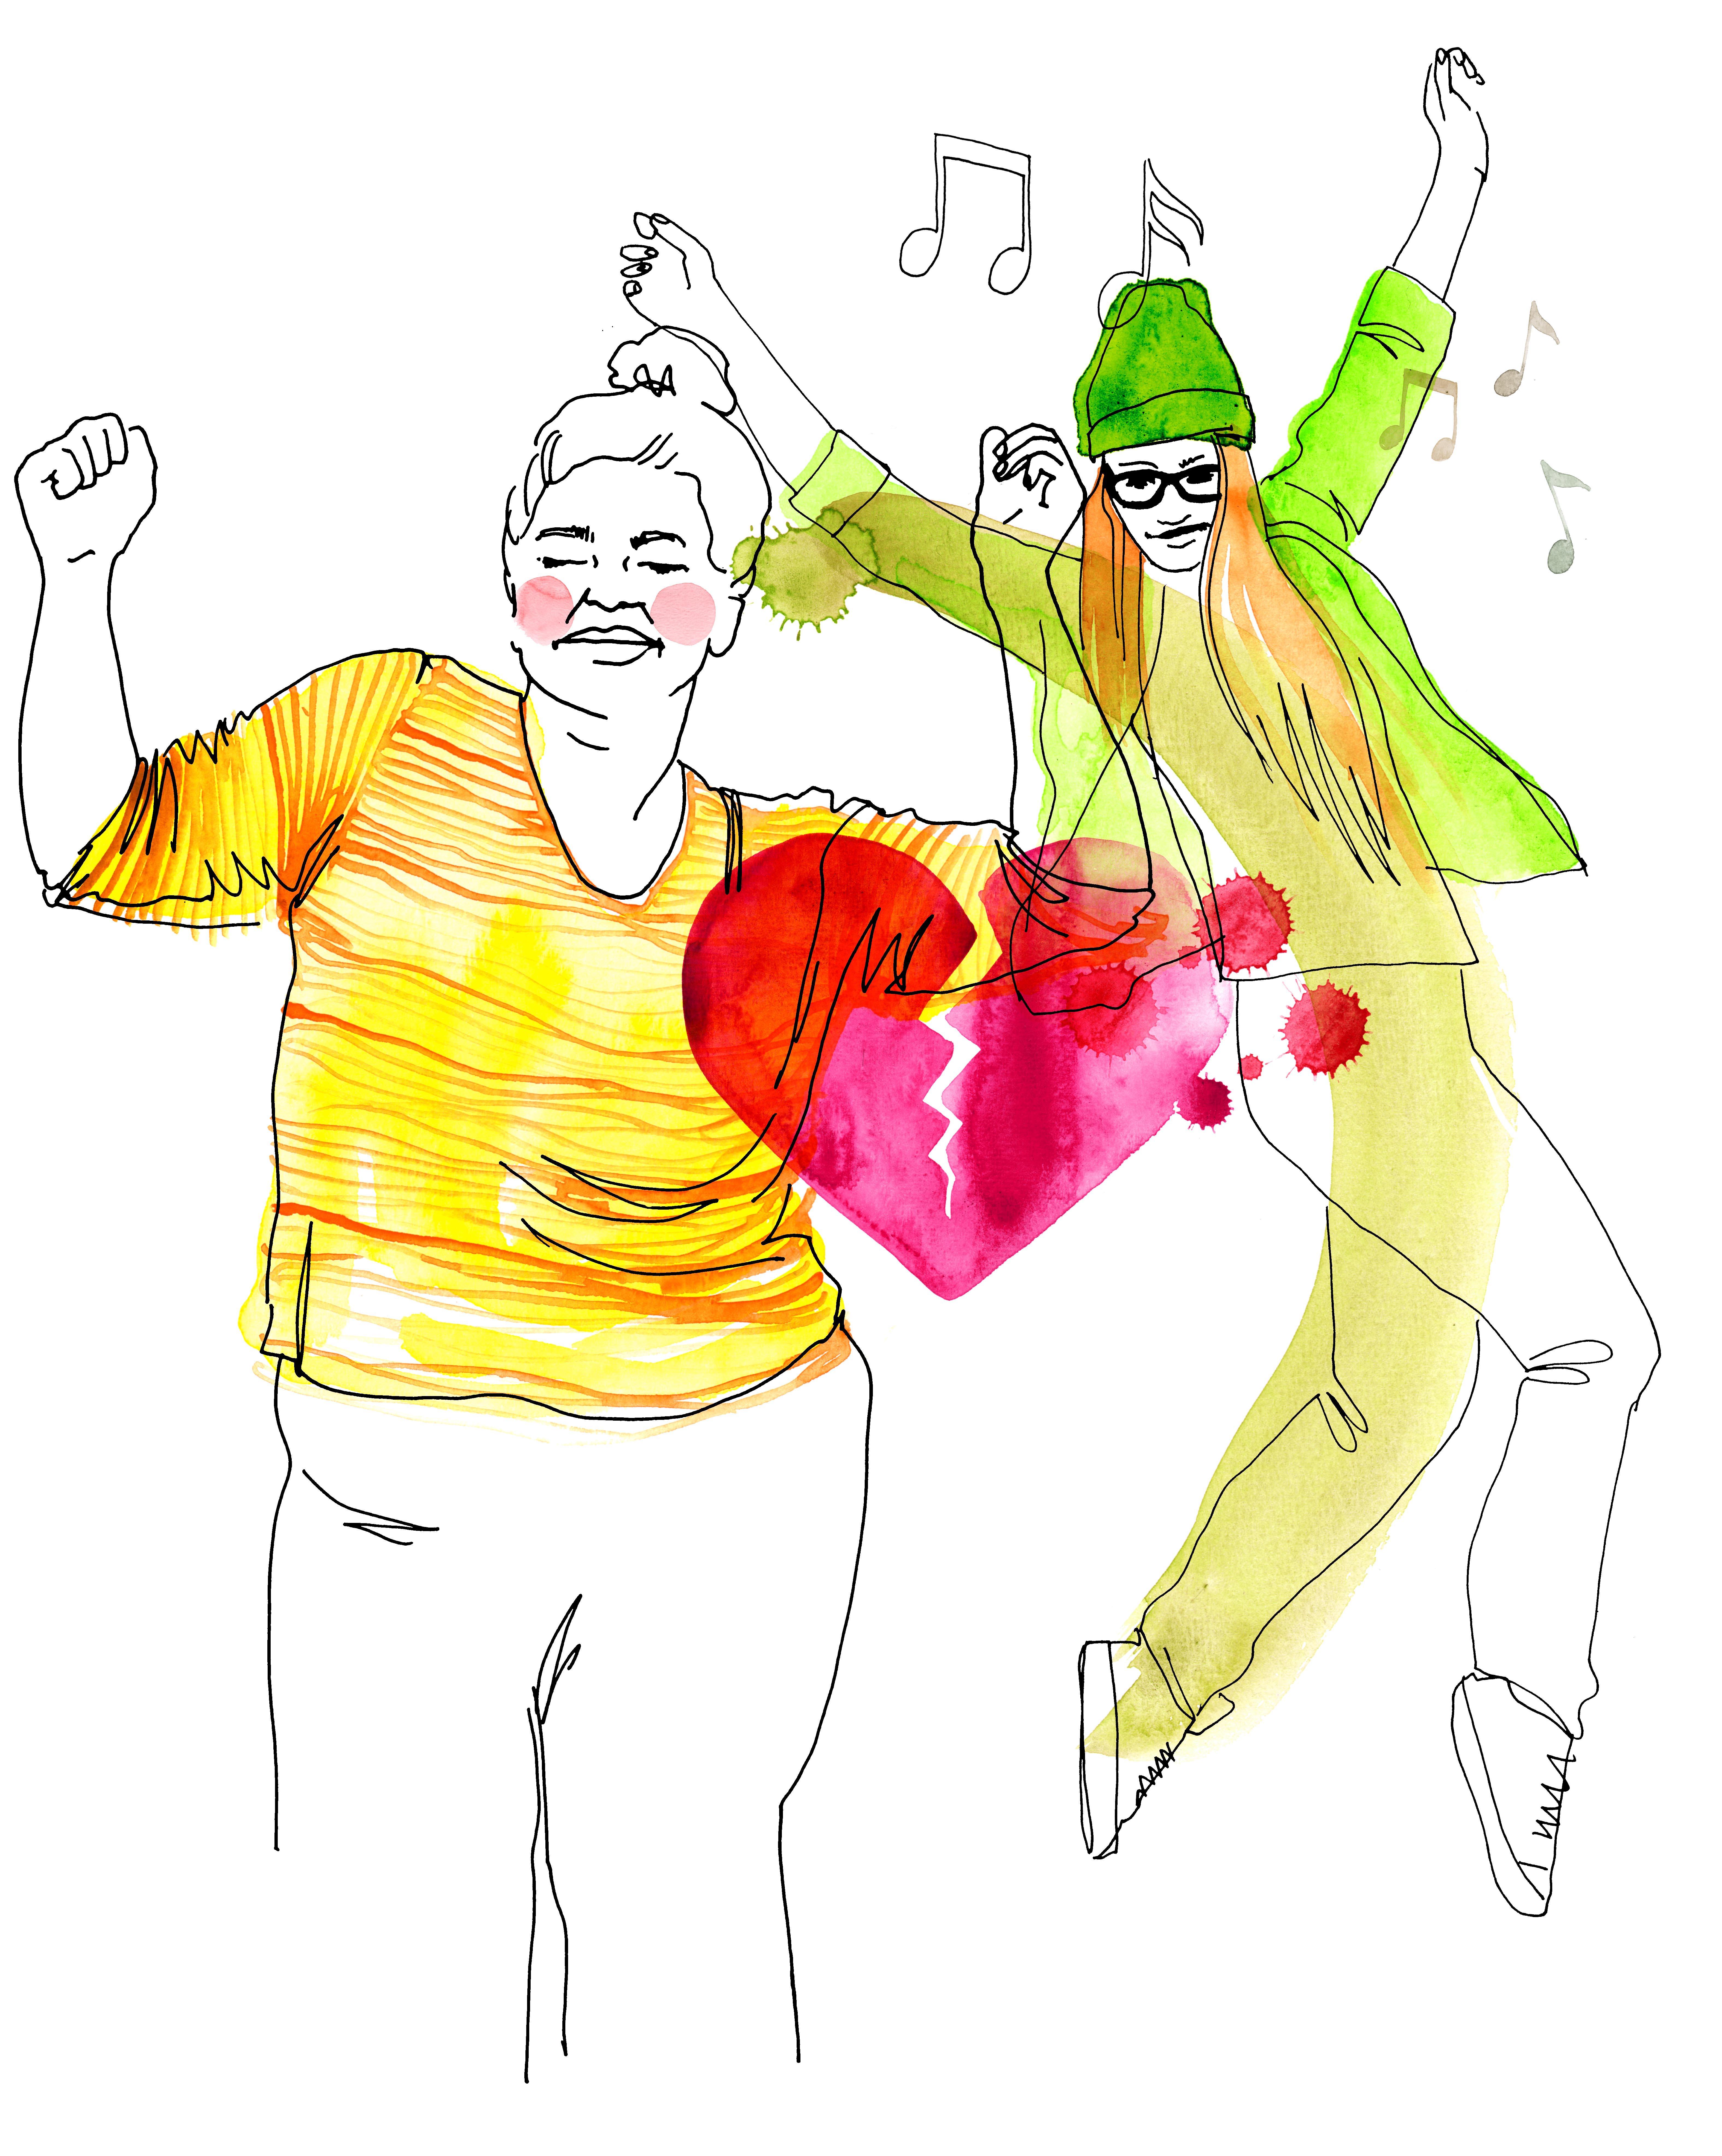 dansautankrav